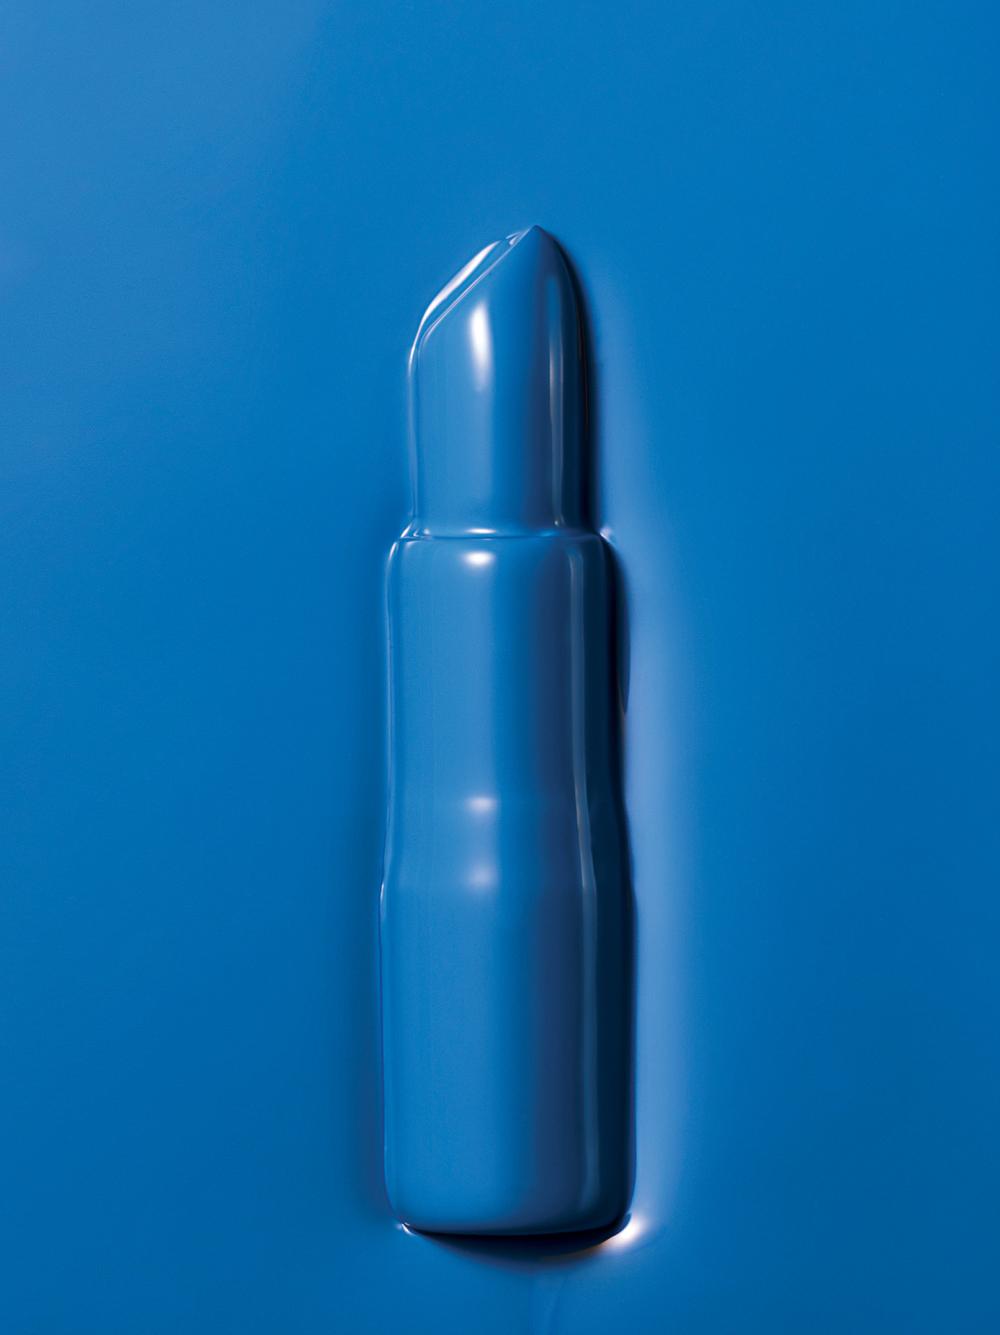 립스틱 퀸 바이 시코르의 헬로 세일러. 짙은 네이비 블루 컬러지만 입술에 닿으면 블랙 베리 컬러로 변한다.